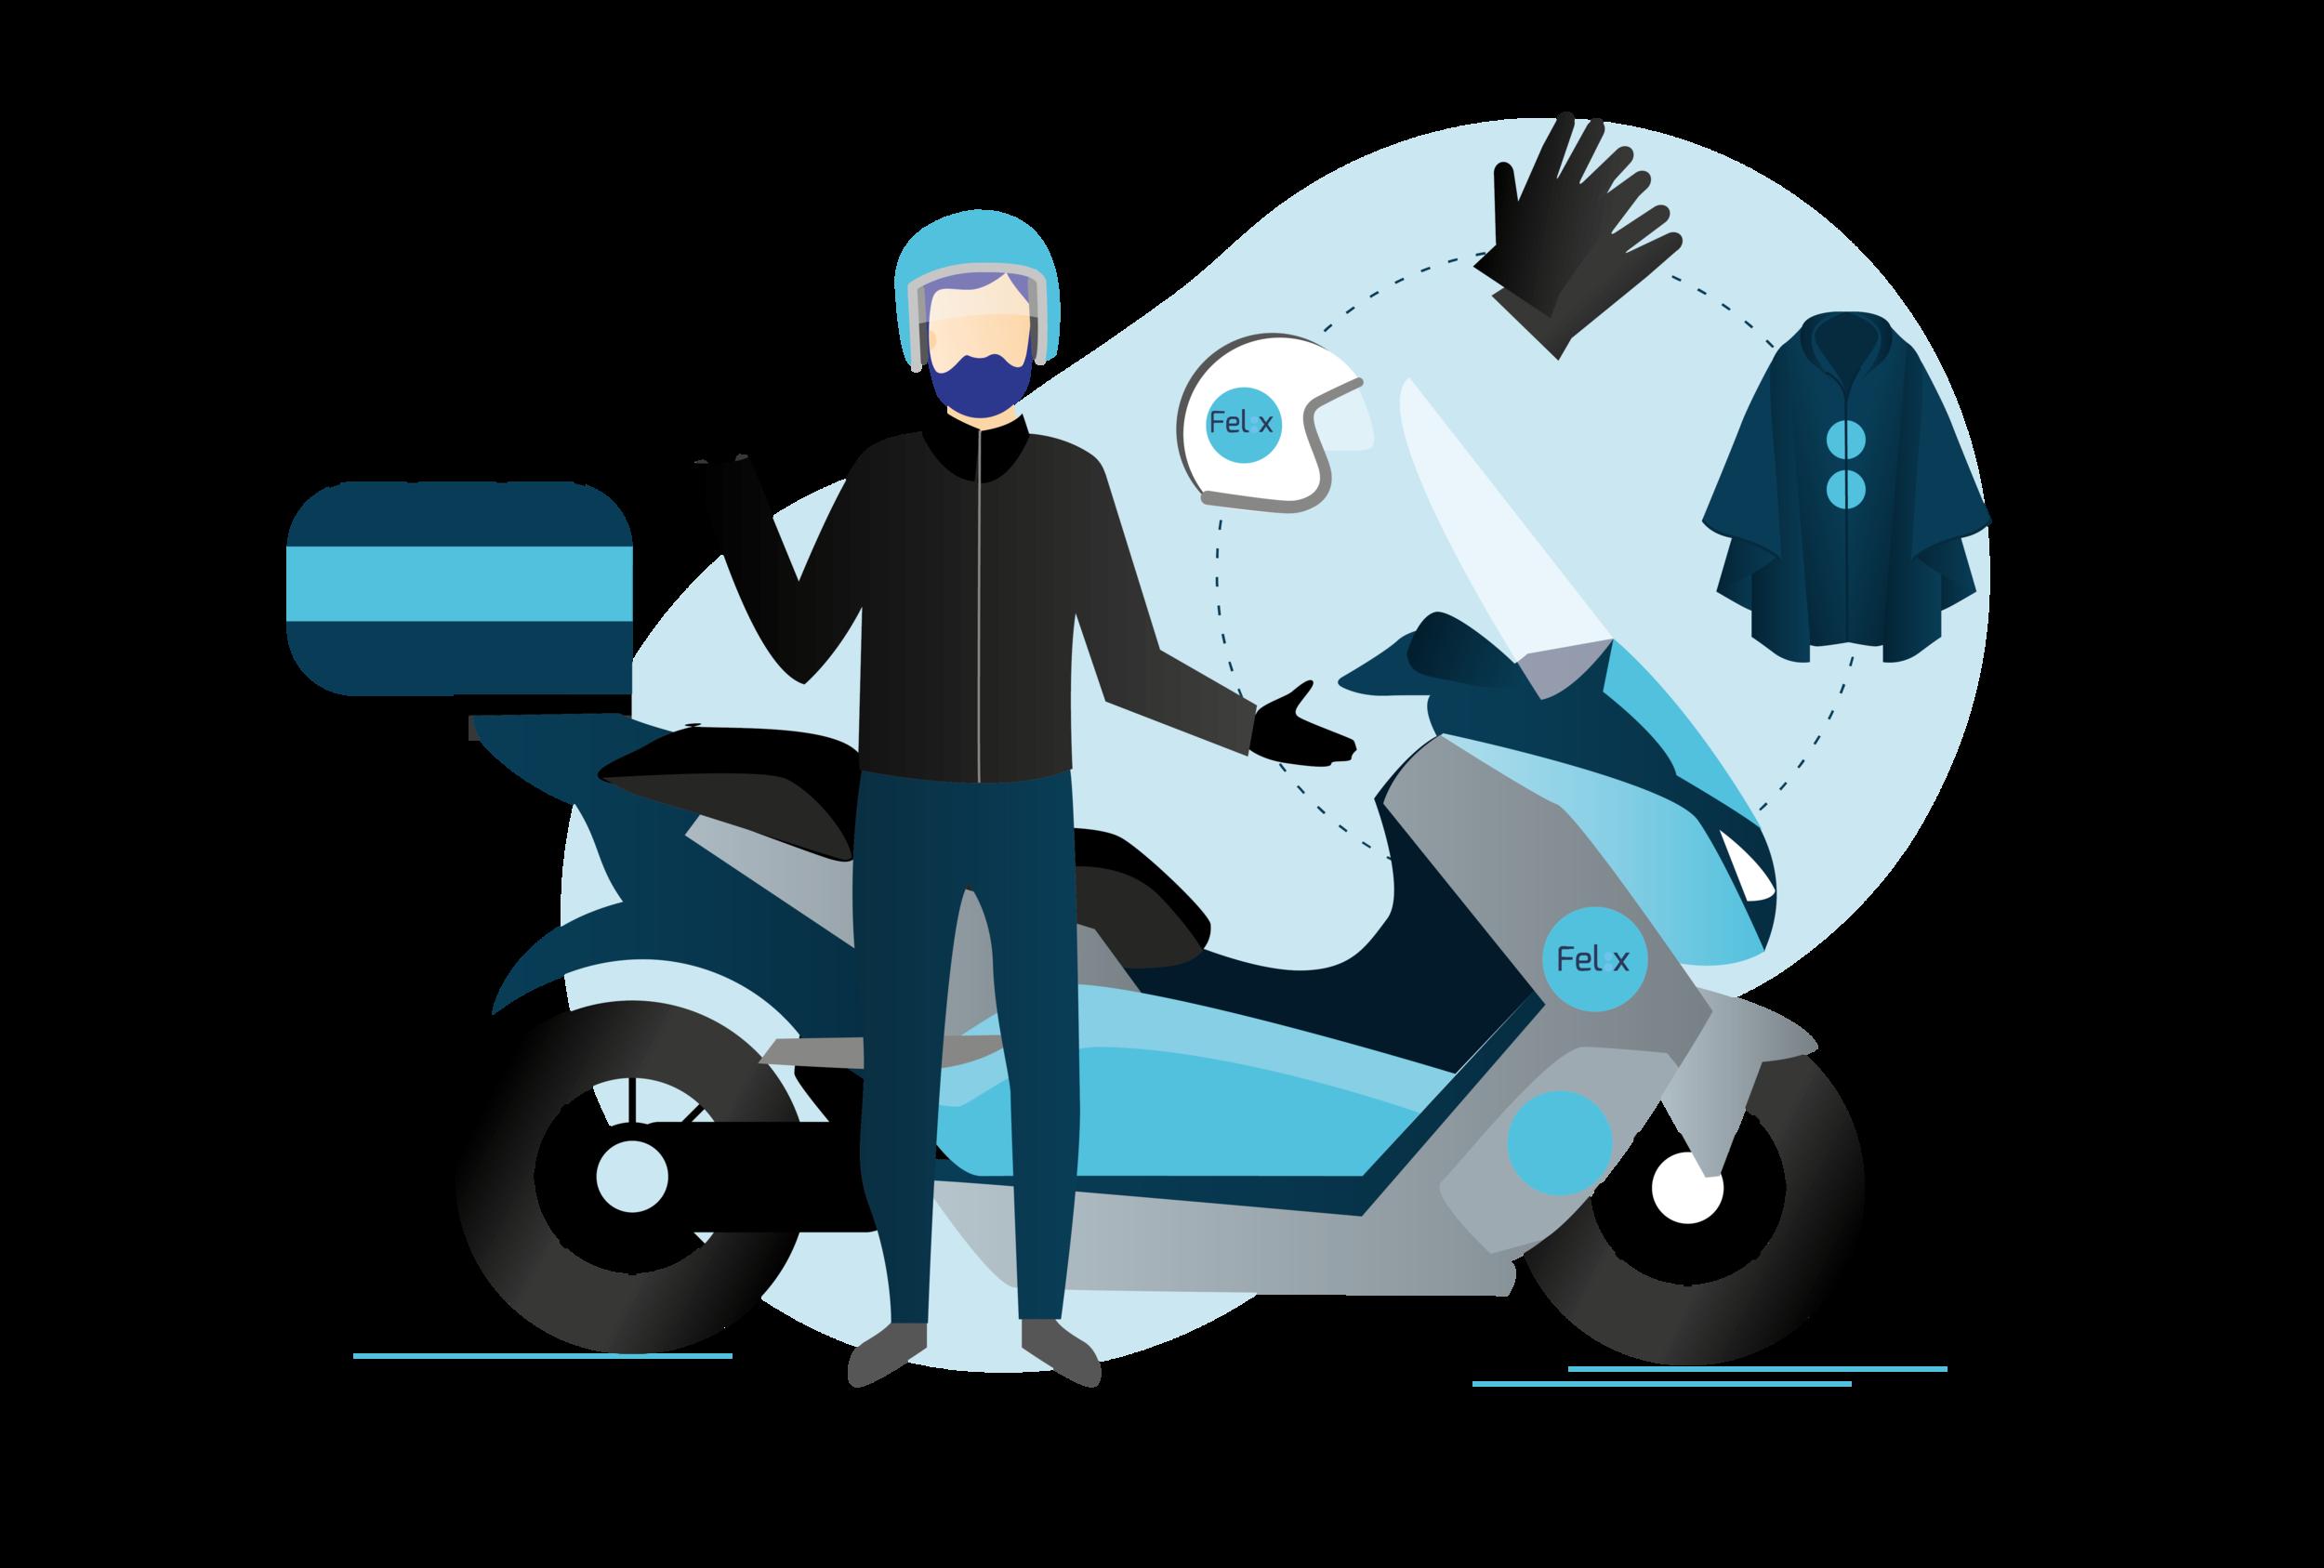 Réservez votre chauffeur professionnel - La qualité de service est notre priorité. Nous travaillons avec des chauffeurs professionnels qui ont une grande expérience de la conduite et une très bonne connaissance de Paris.